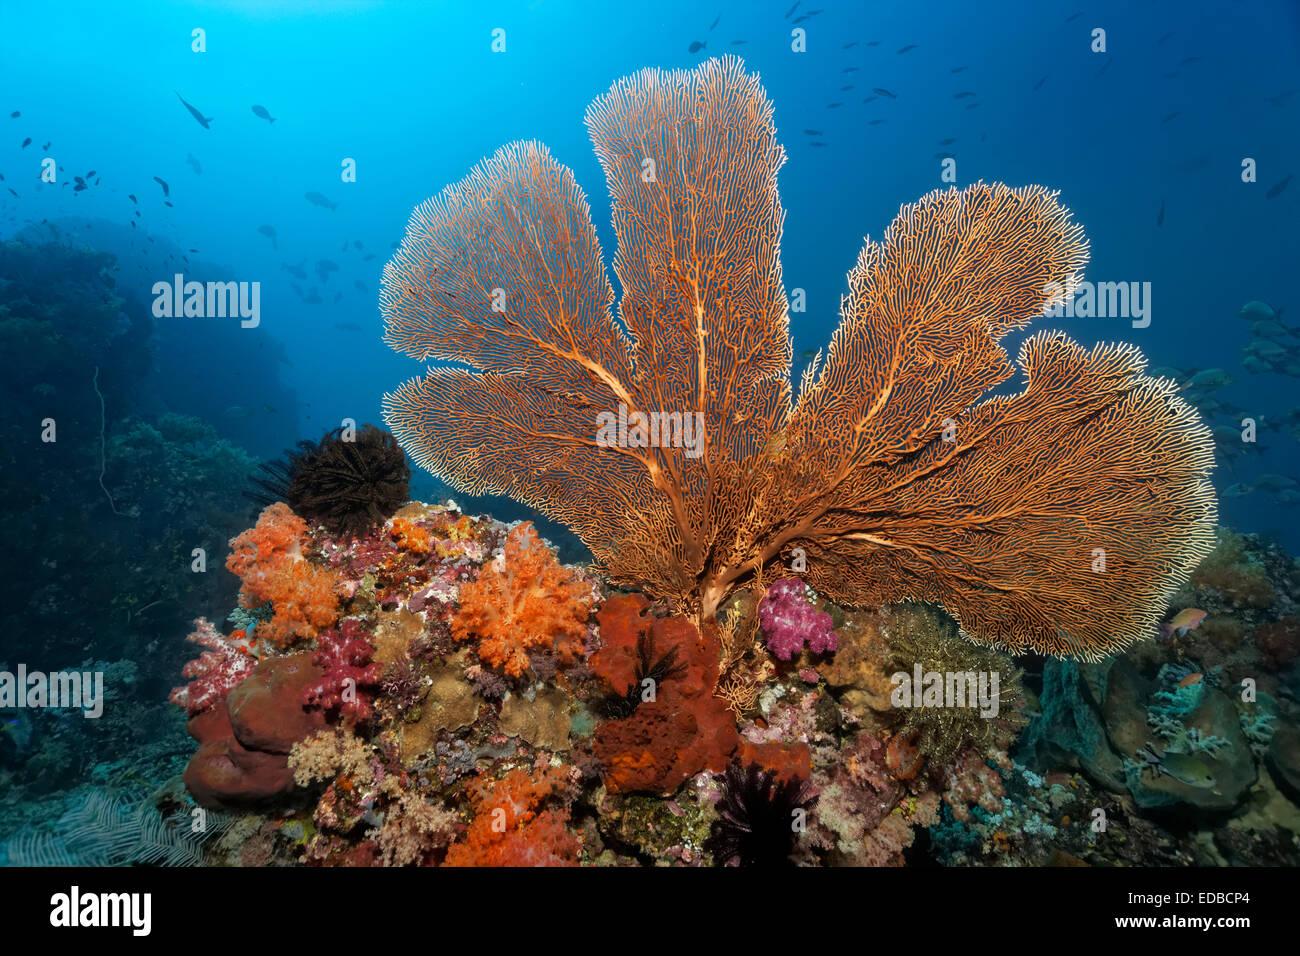 Techo de arrecifes de coral con grandes gorgonias (Annella mollis), diversas corales blandos (Alcyonacea), corales Imagen De Stock